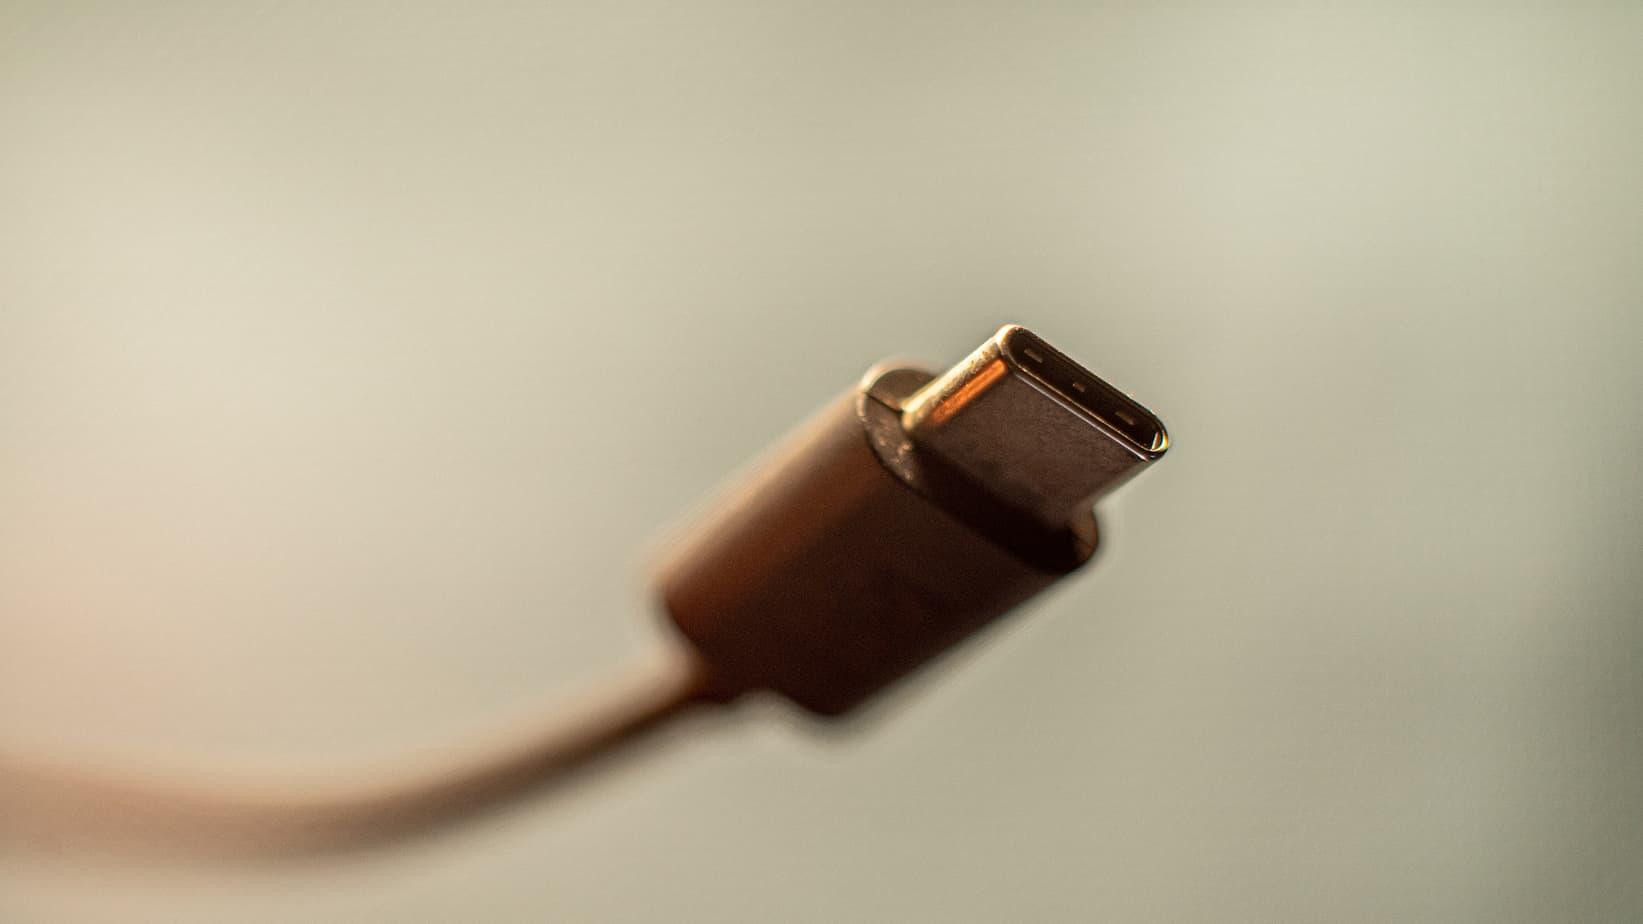 Avec cette pression de l'UE, les constructeurs seront dans l'obligation de se plier à intégrer un port USB-C pour charger les appareils, et même Apple.